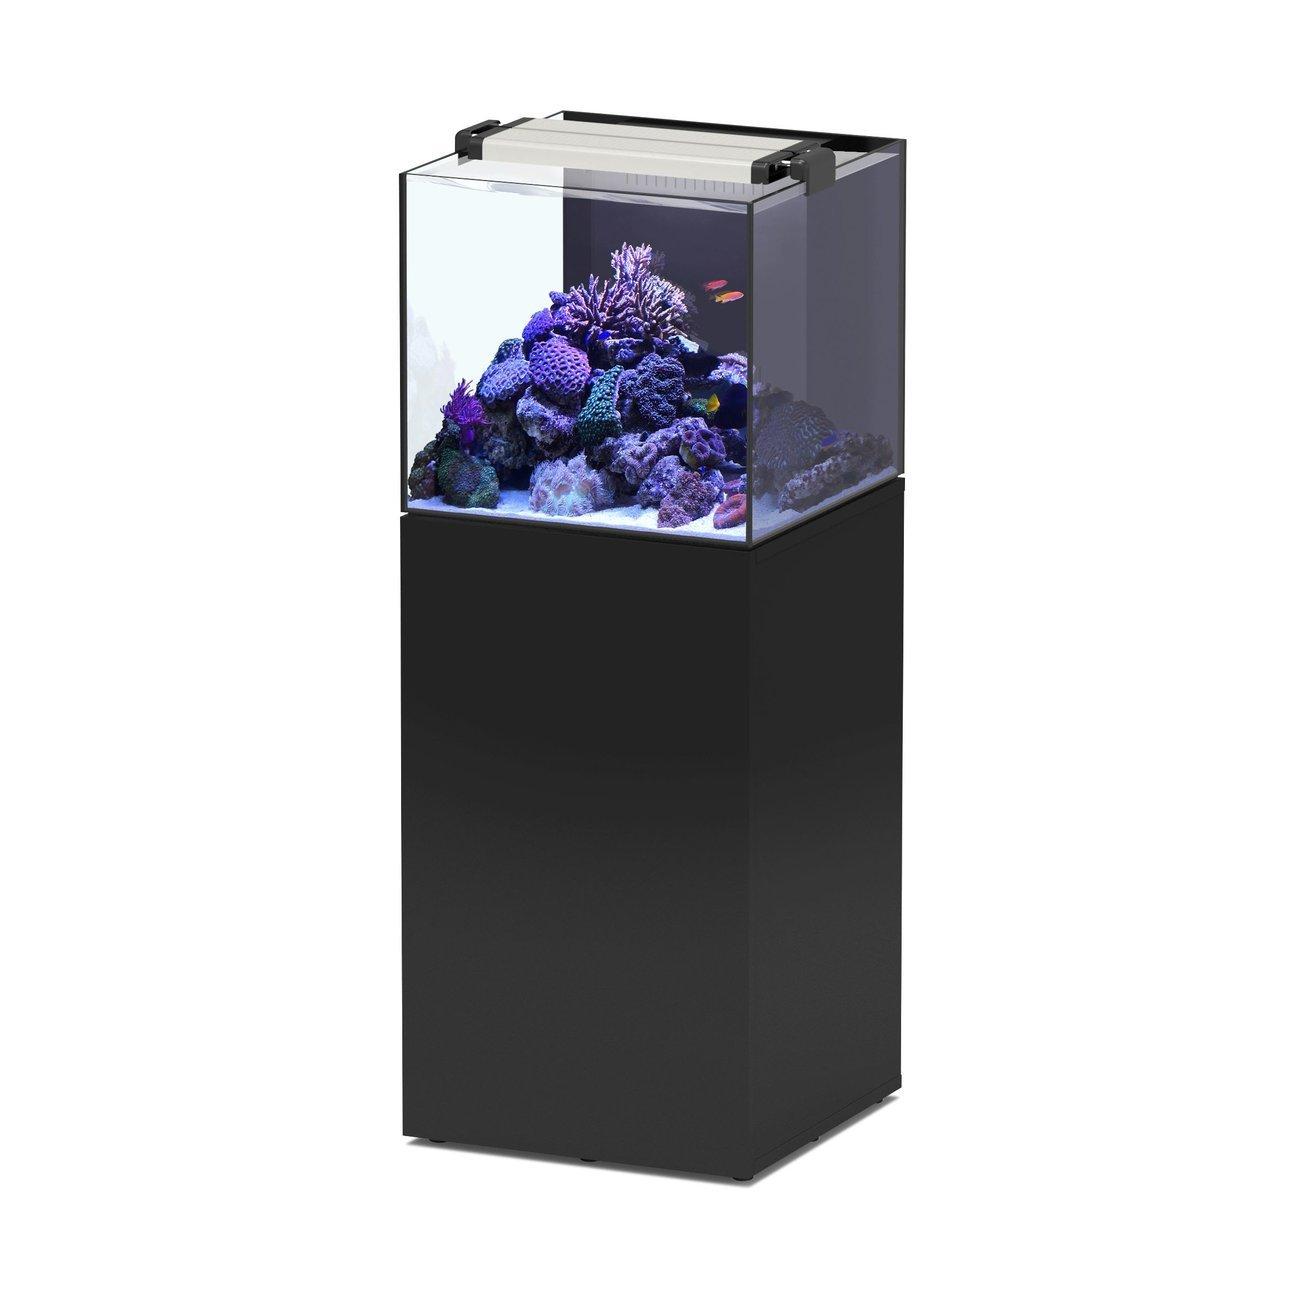 Aquatlantis AquaView 50 mit Unterschrank Bild 2